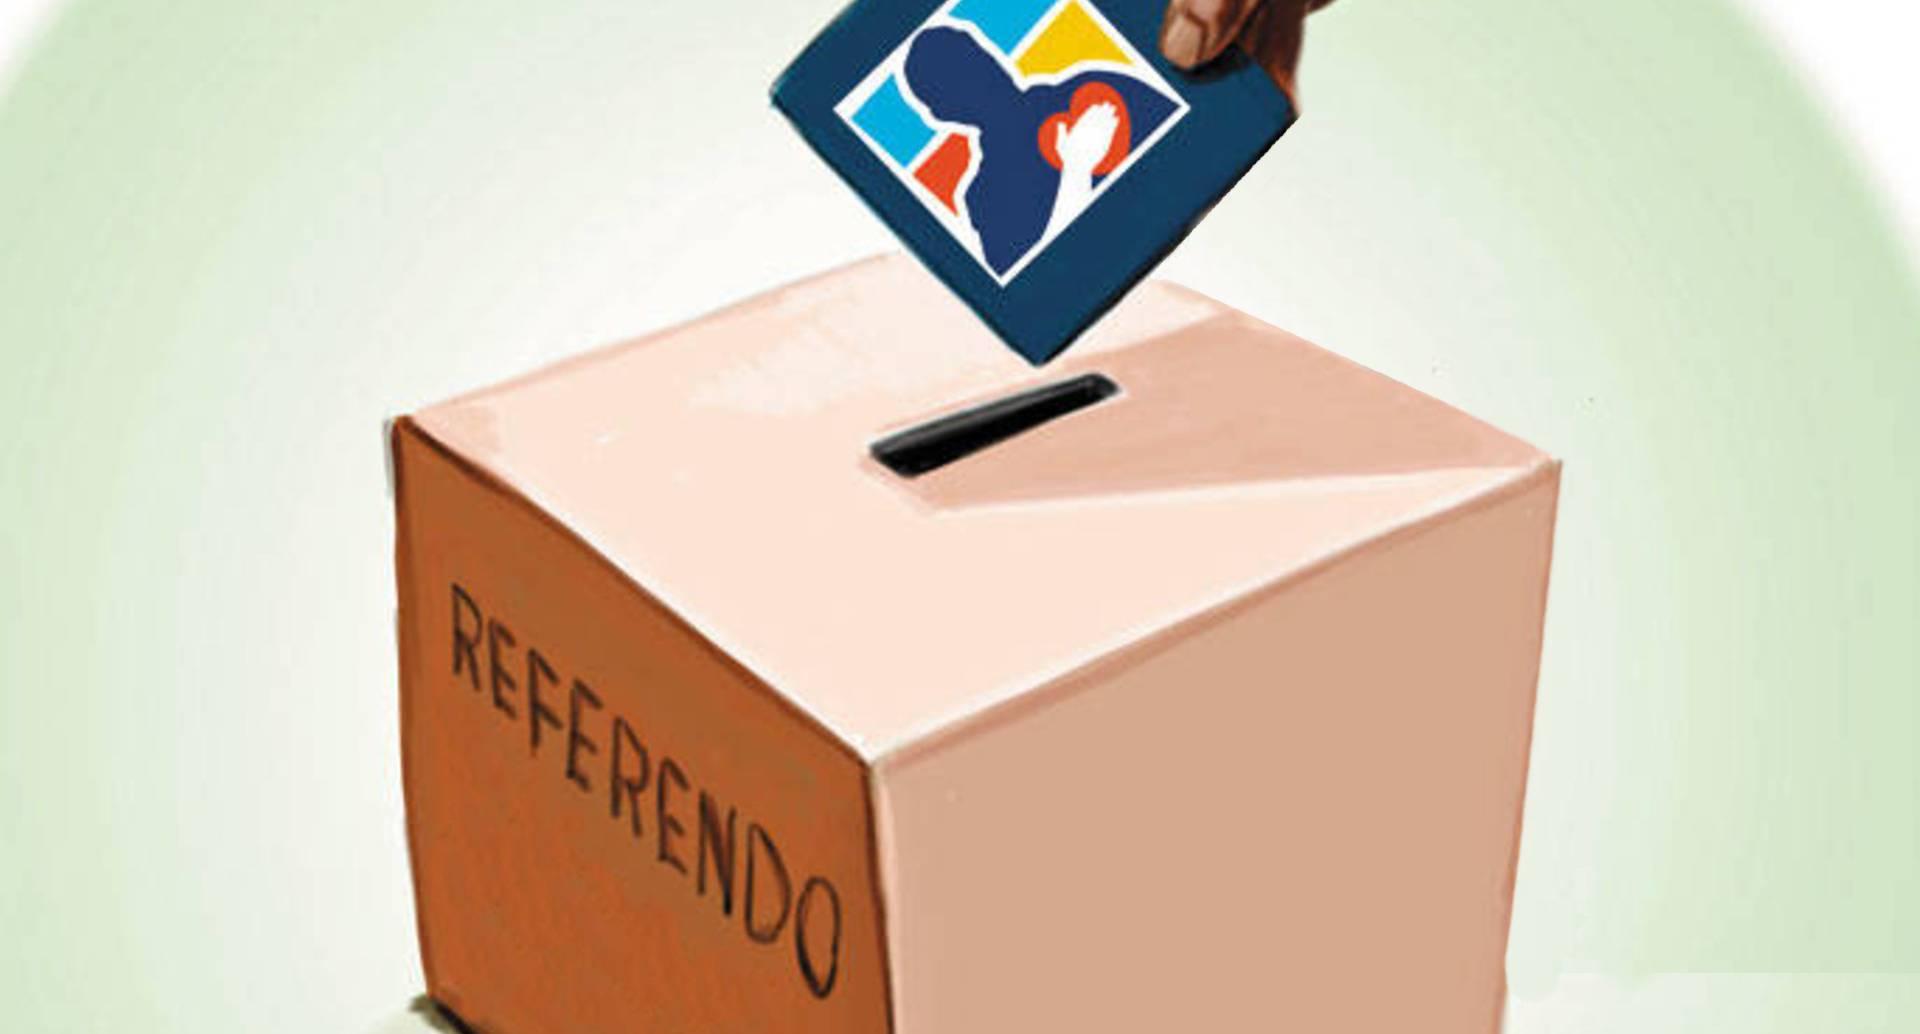 Referendo Centro Democratico